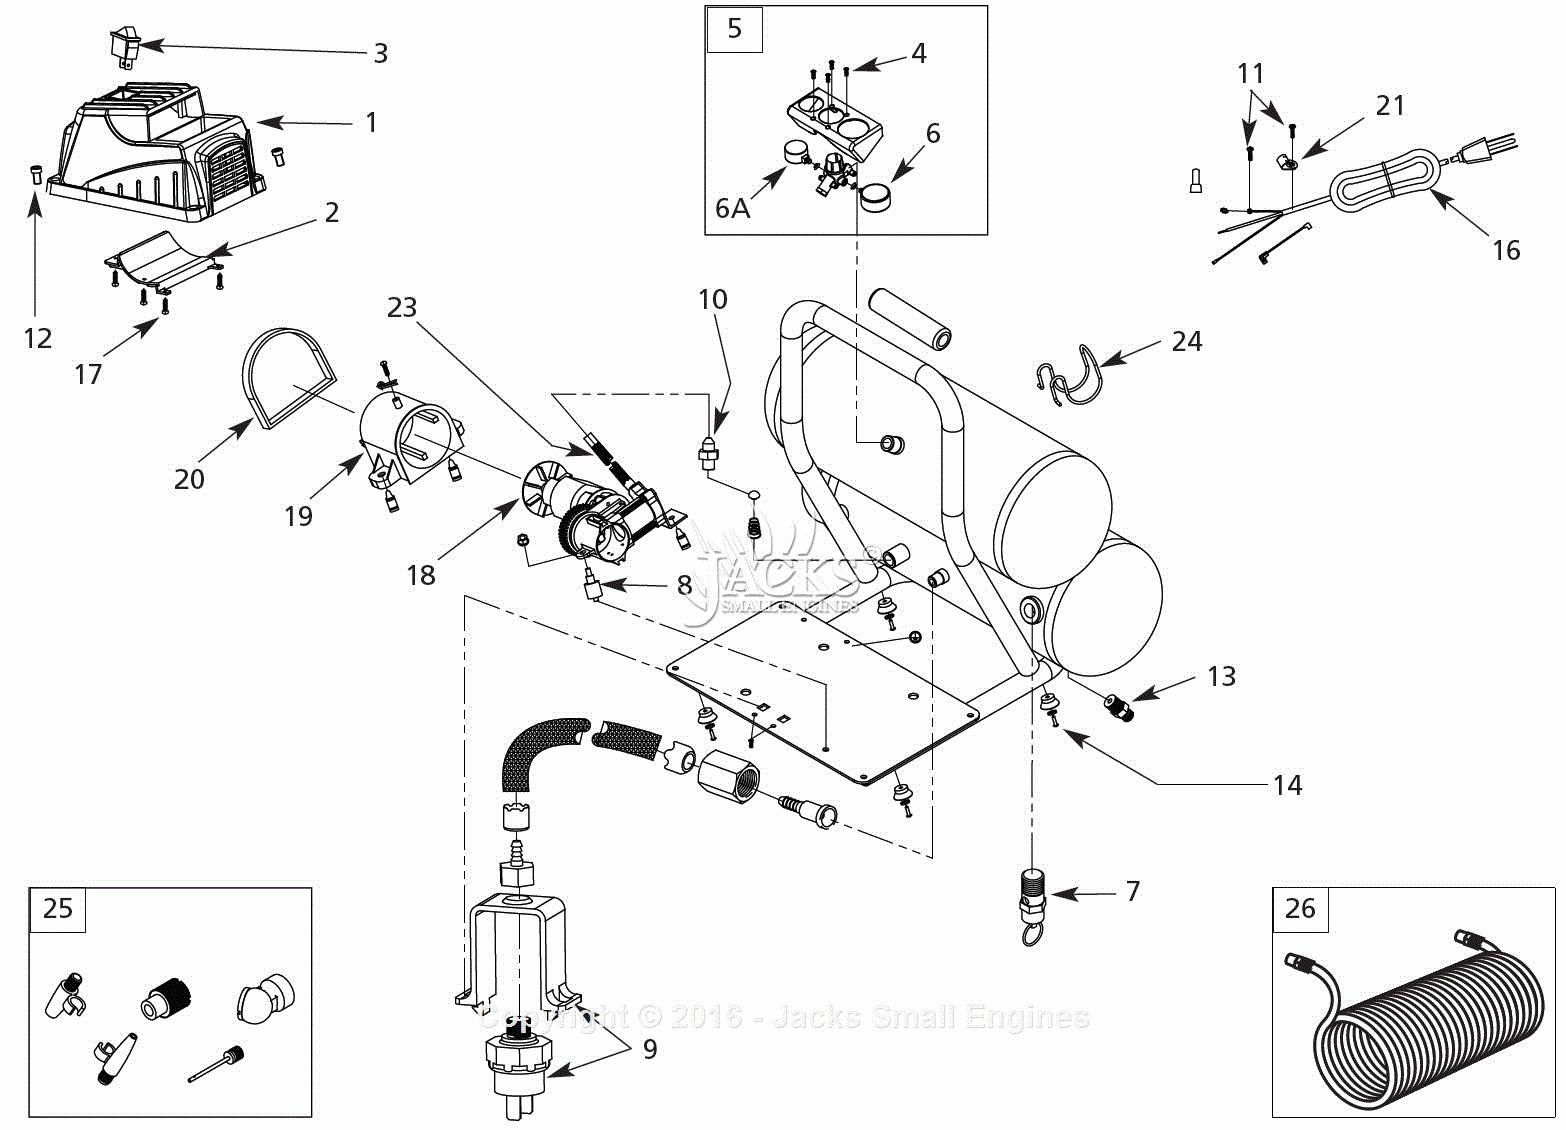 Campbell Hausfeld Air Compressor Wiring Diagram